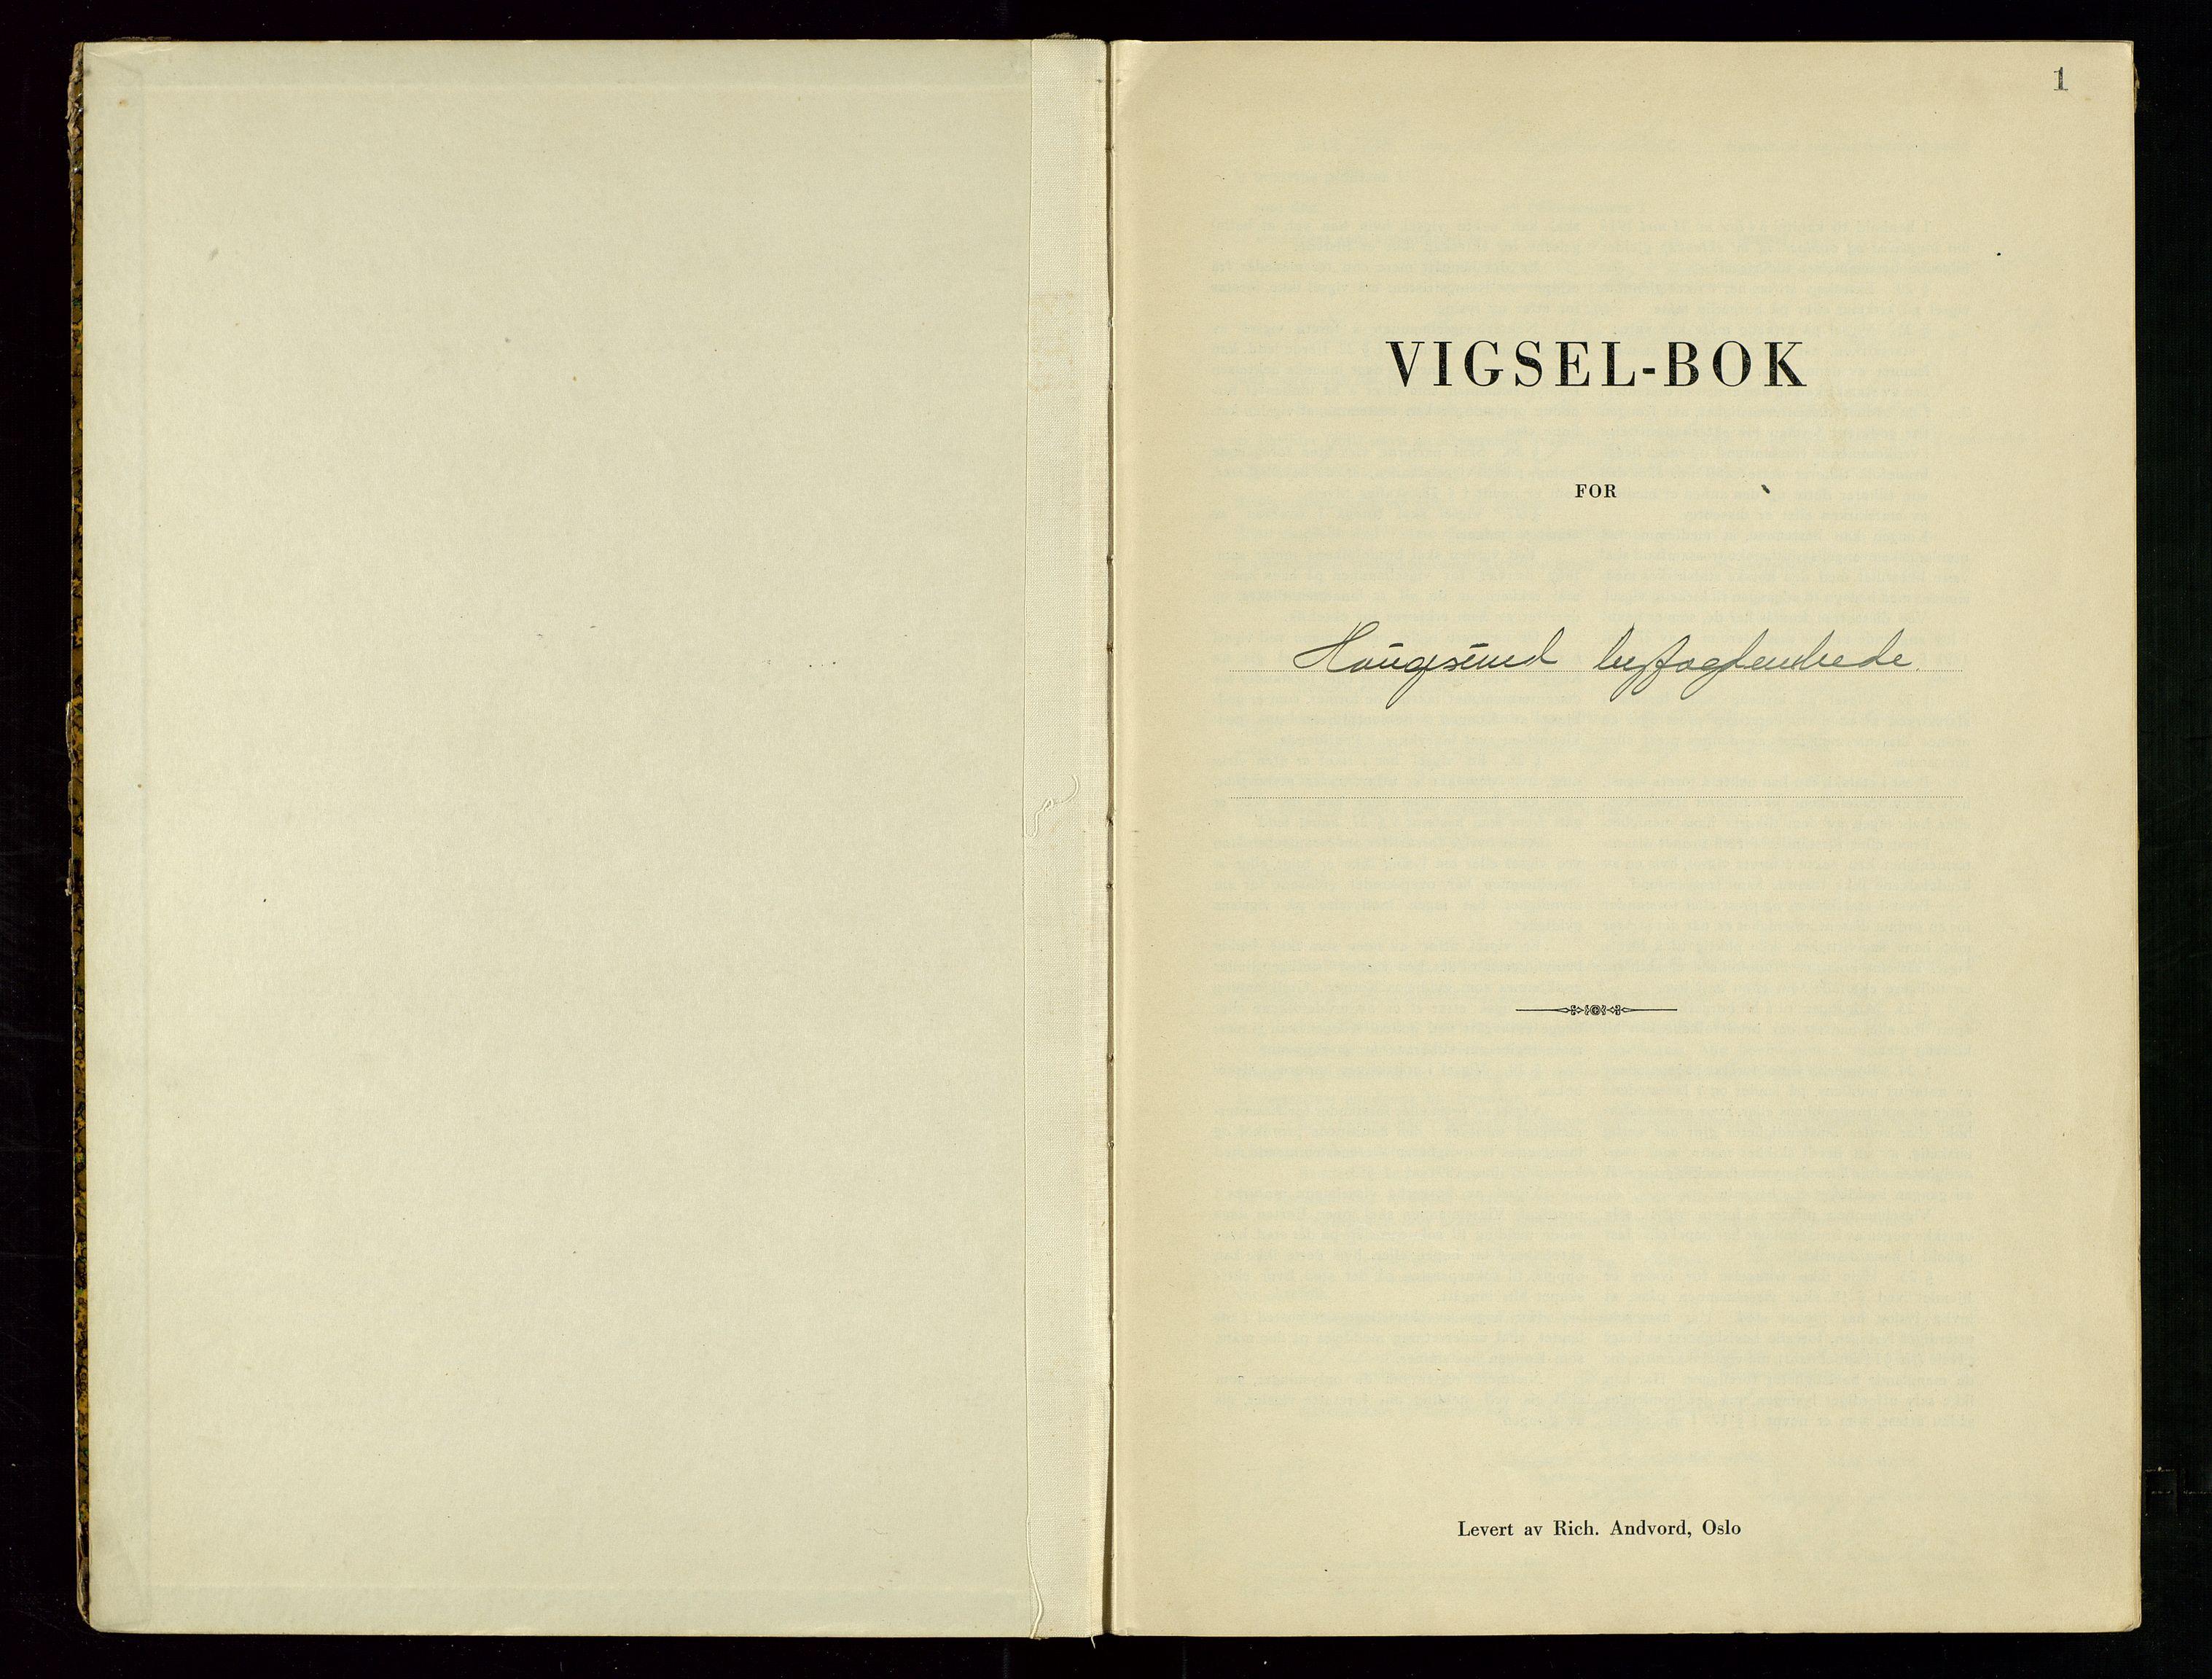 SAST, Haugesund tingrett, III/IIID/L0003: Vigselbok, 1942-1943, s. 1